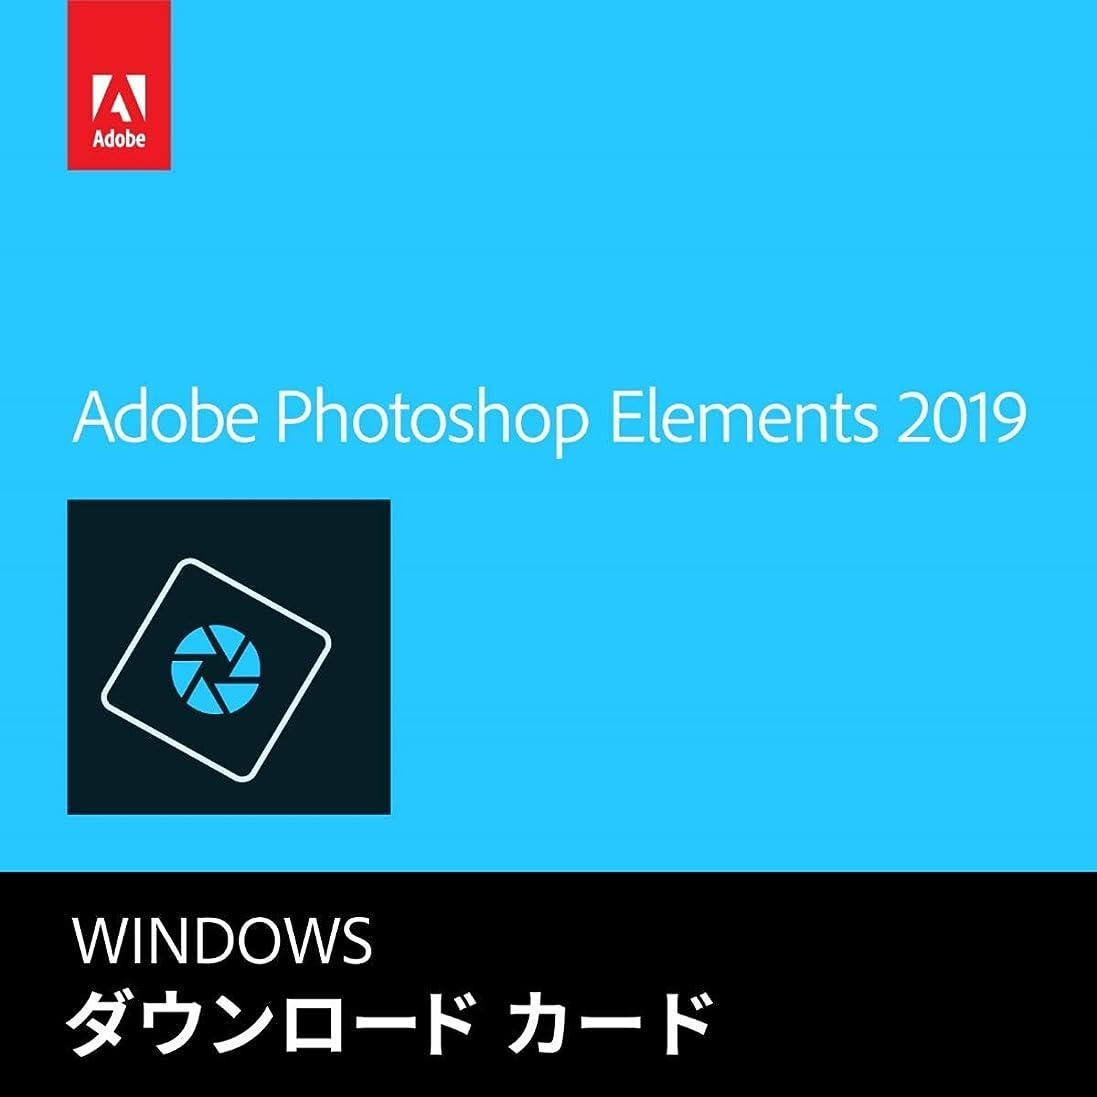 面積なだめるただやるAdobe Photoshop Elements 2019|Windows対応|カード版(Amazon.co.jp限定)